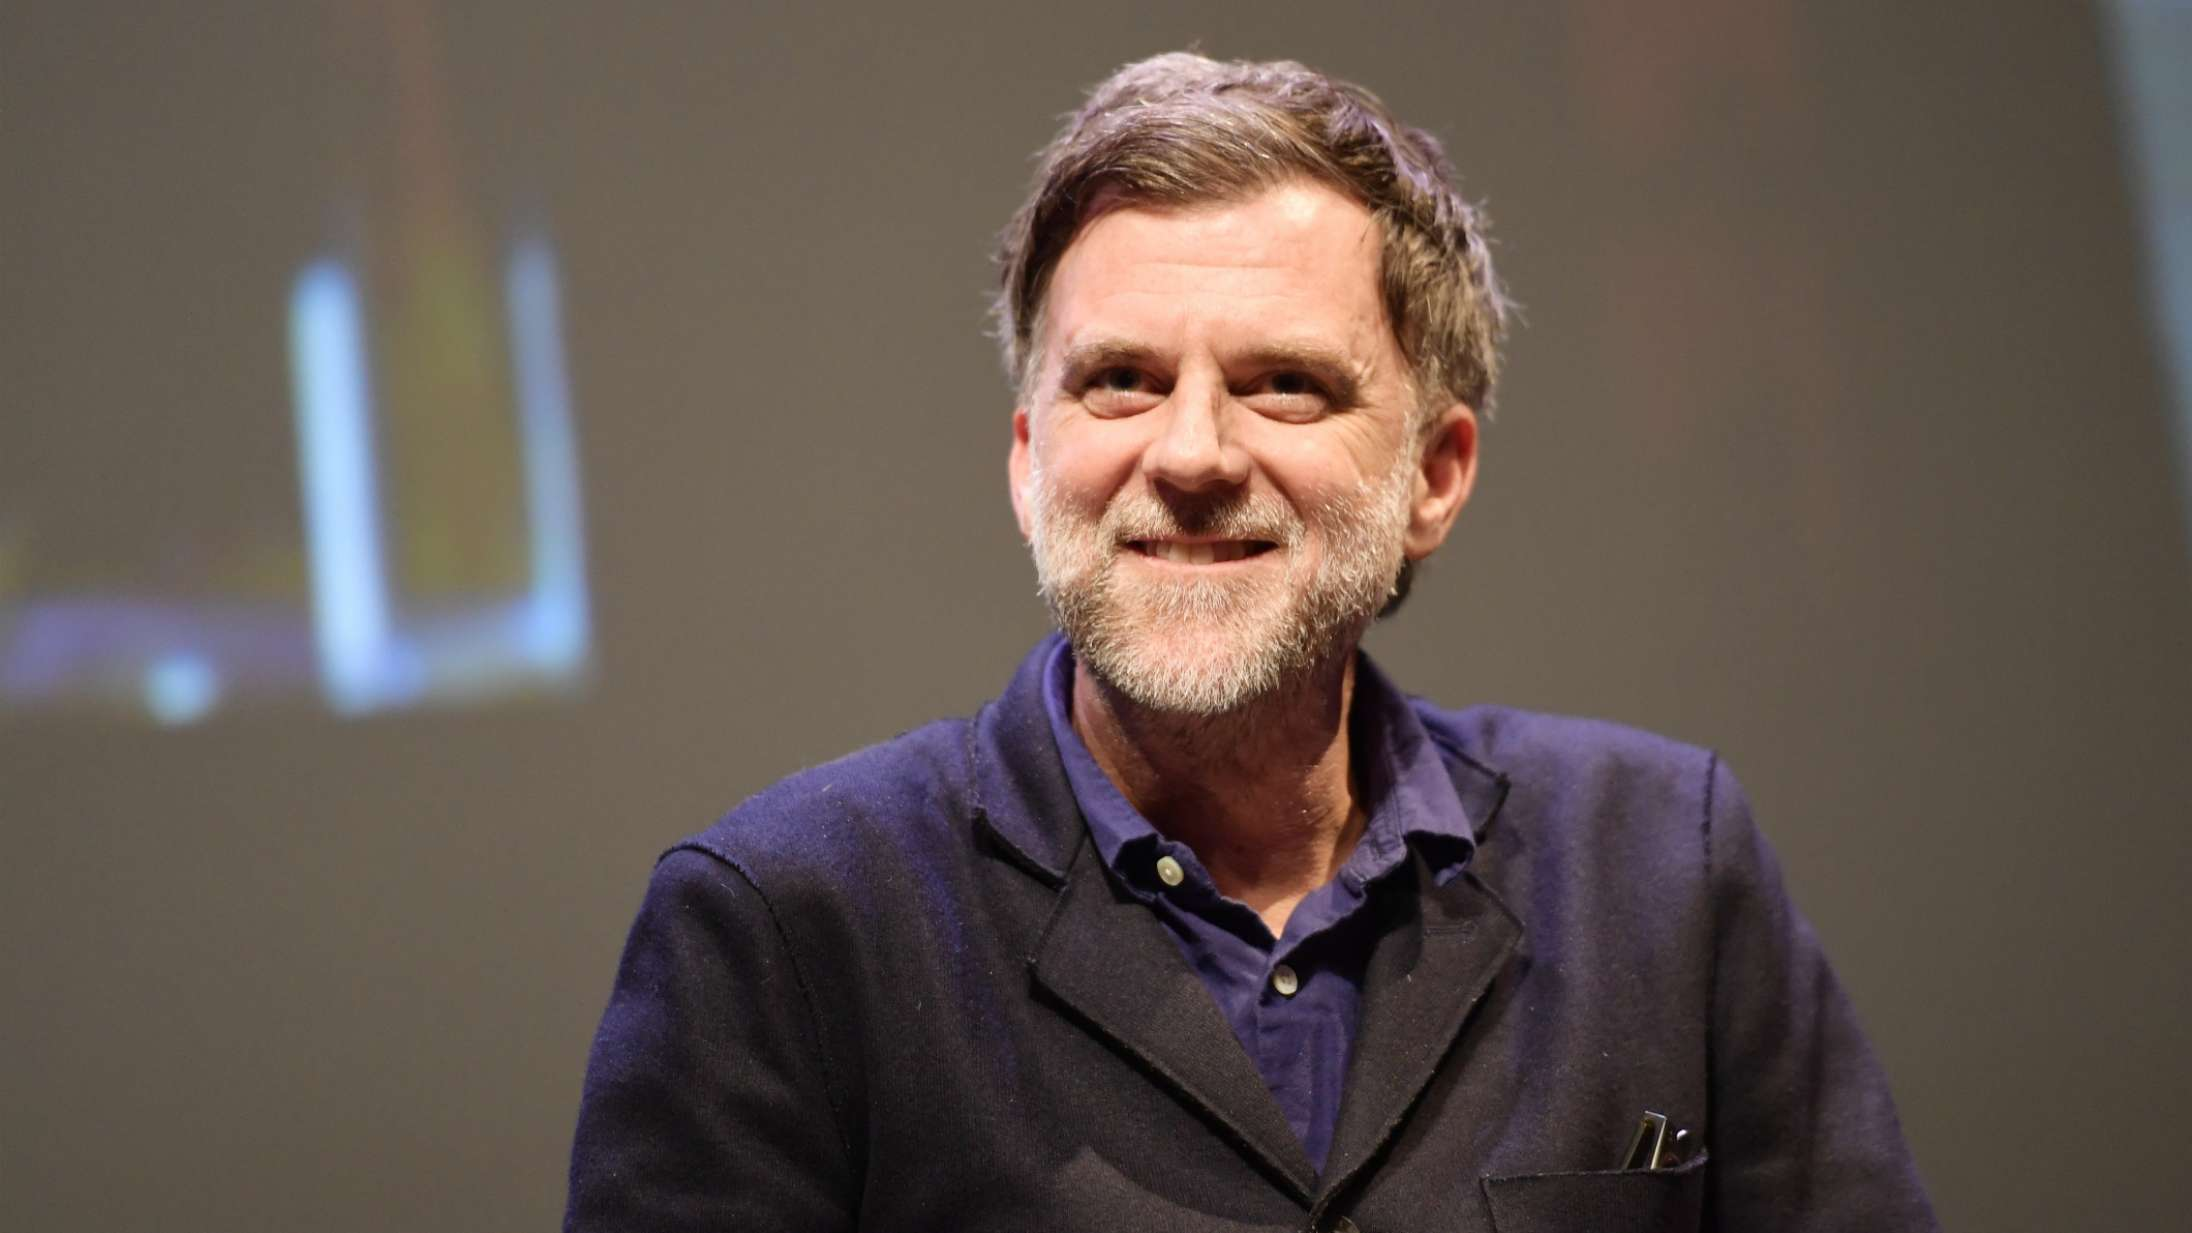 Philip Seymour Hoffmans søn lander hovedrolle i Paul Thomas Andersons nye film